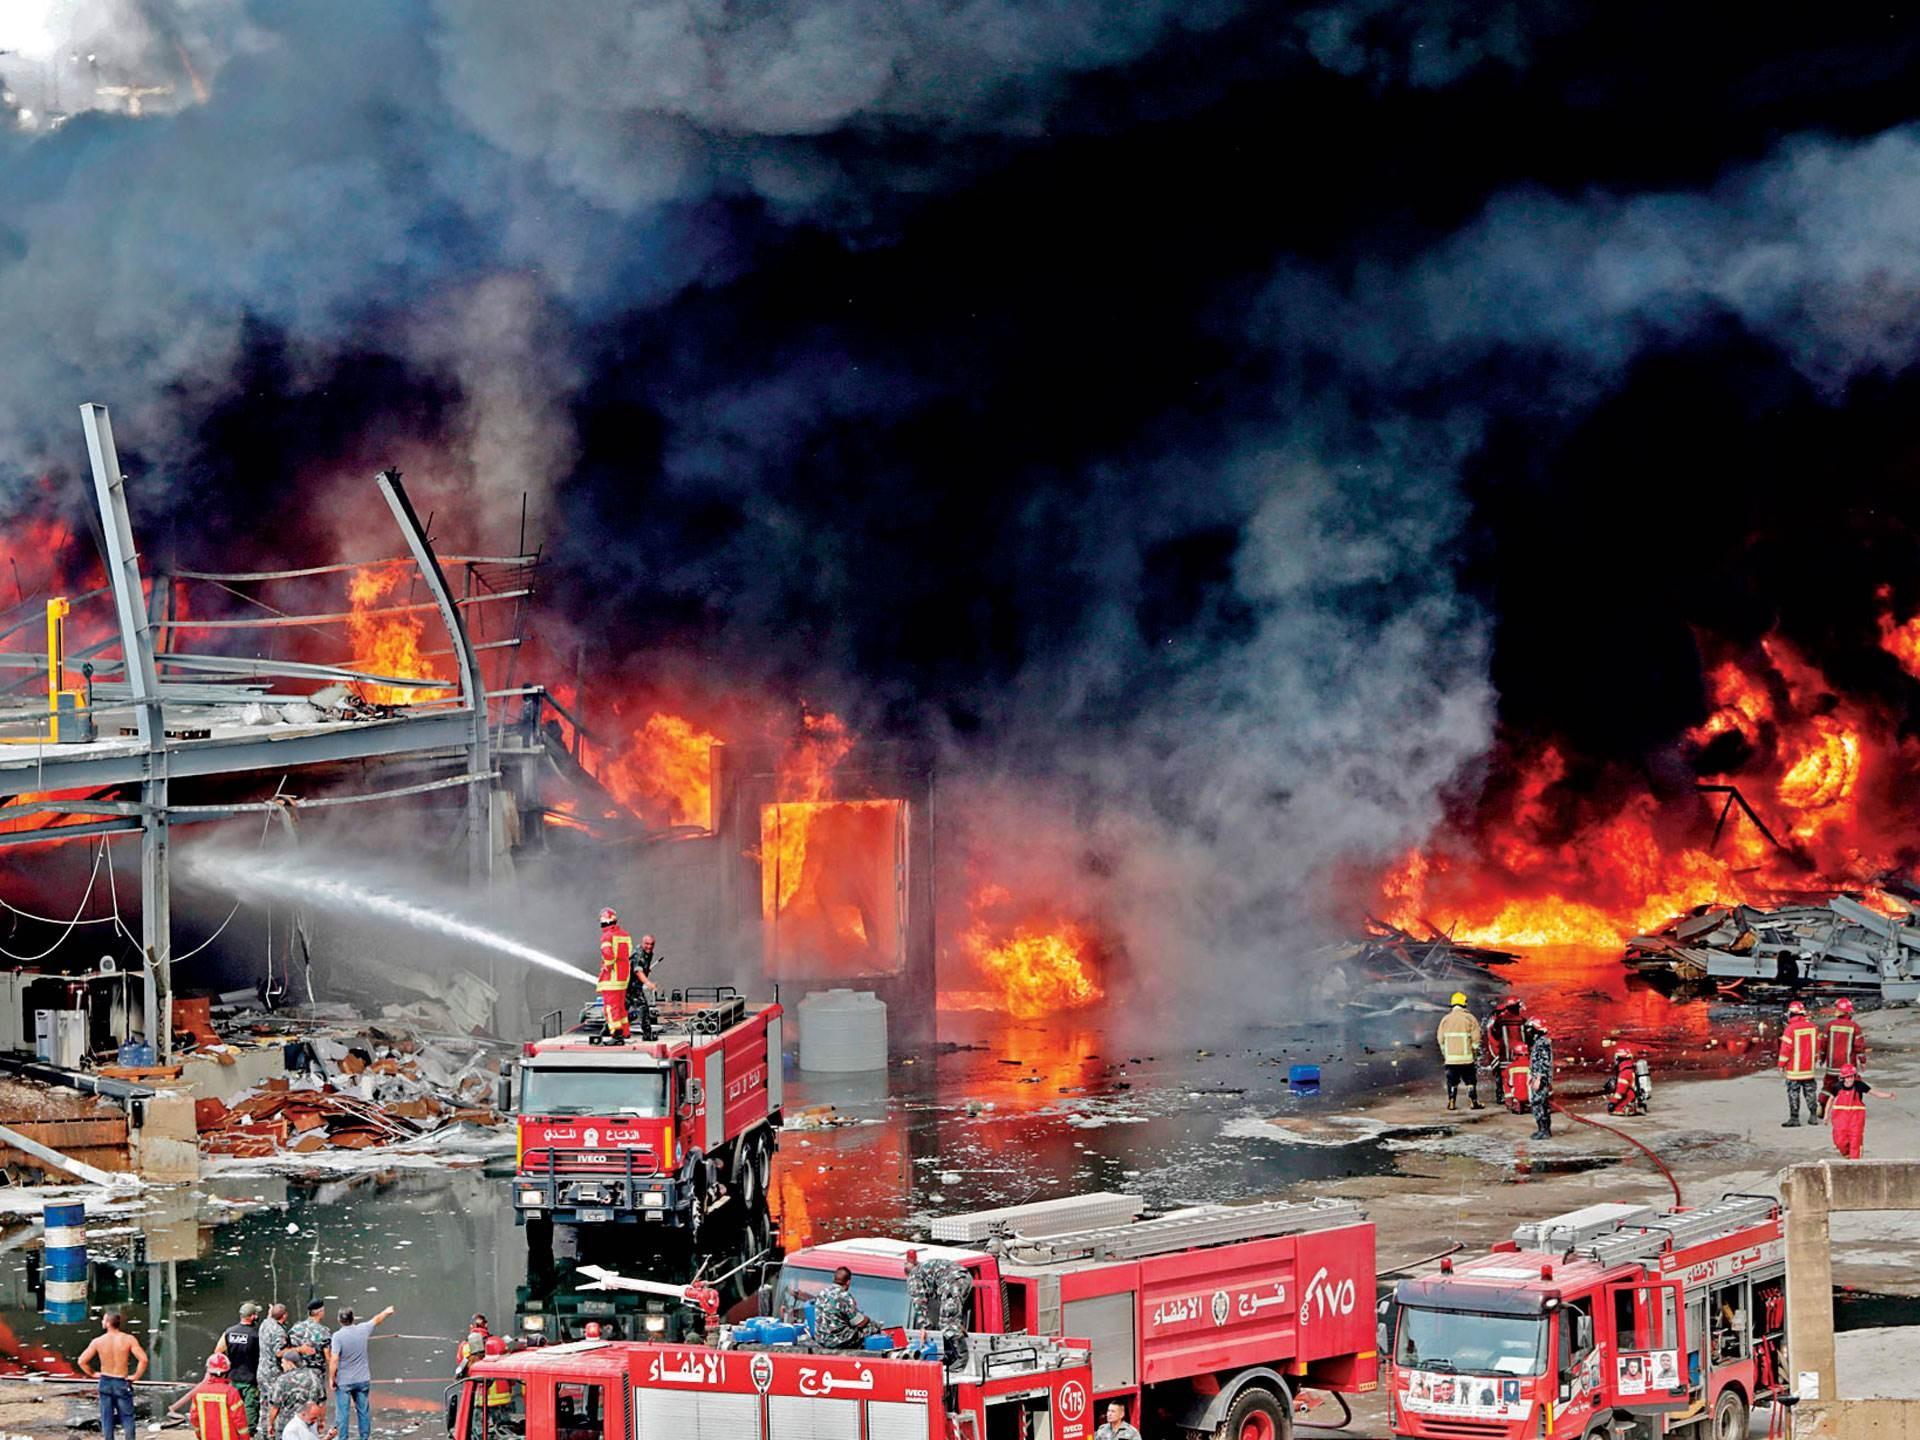 حريق في مرفأ بيروت بعد شهر من الانفجار